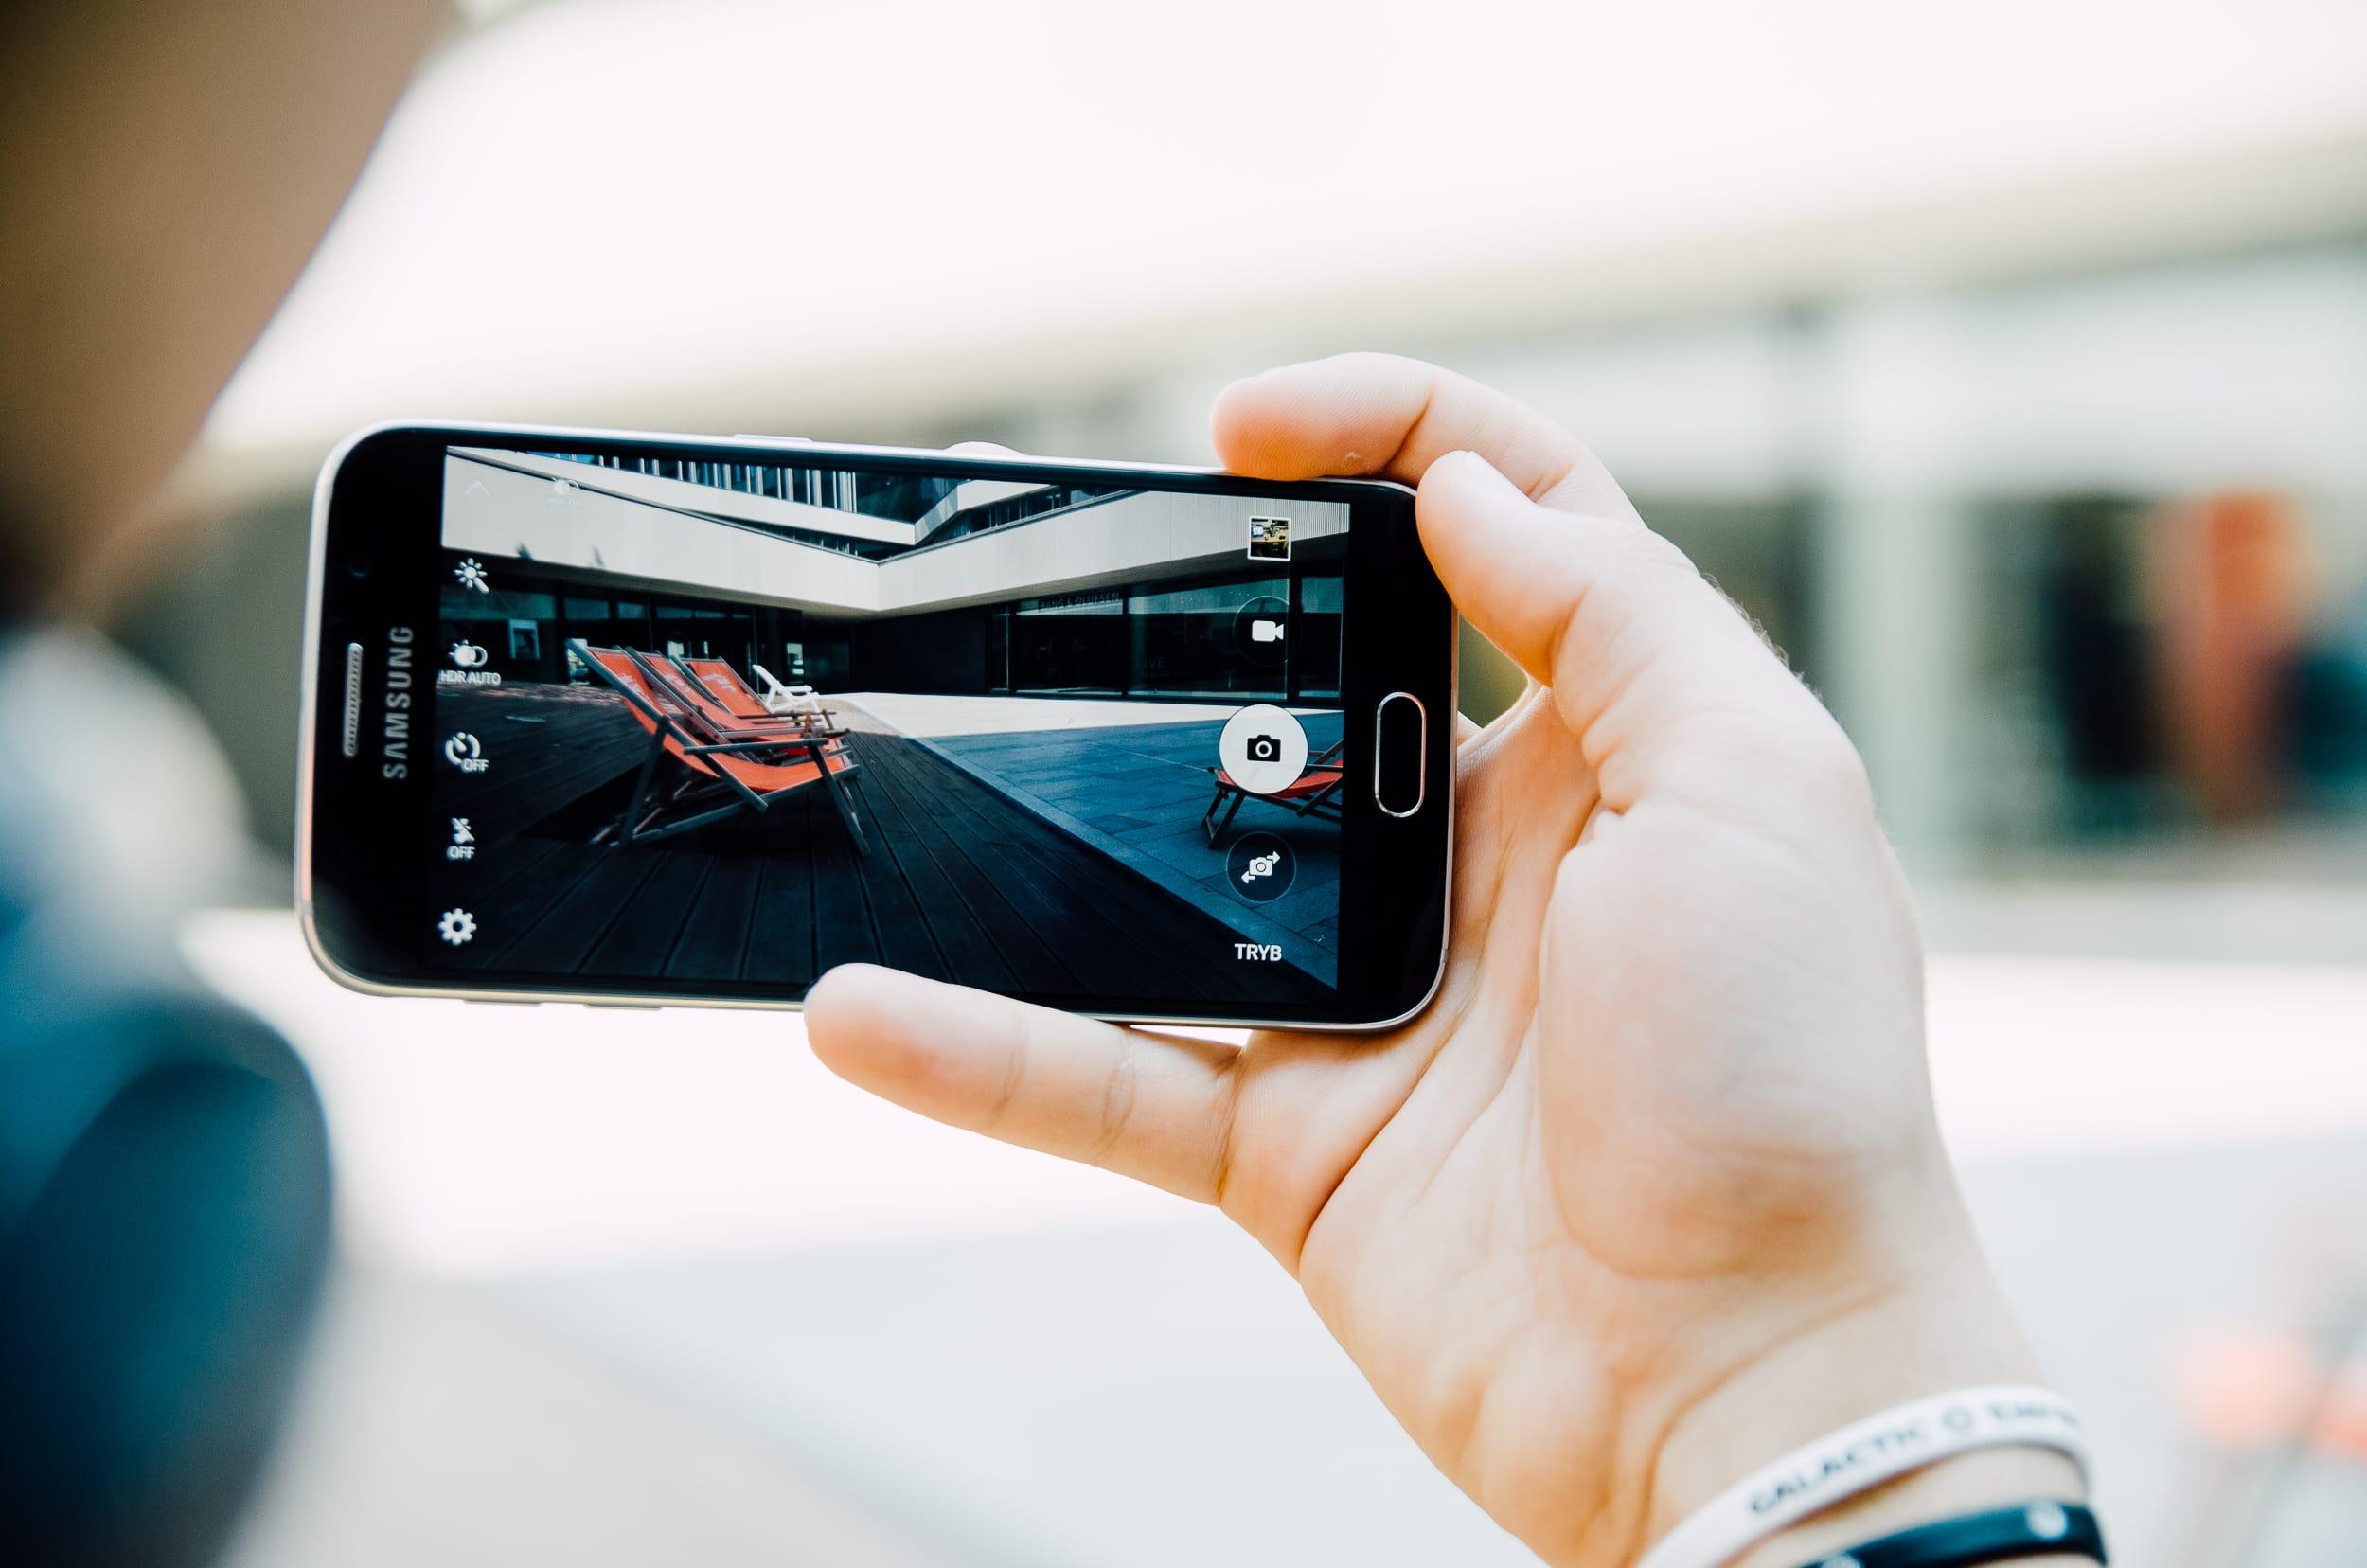 Samsung Galaxy S6 7